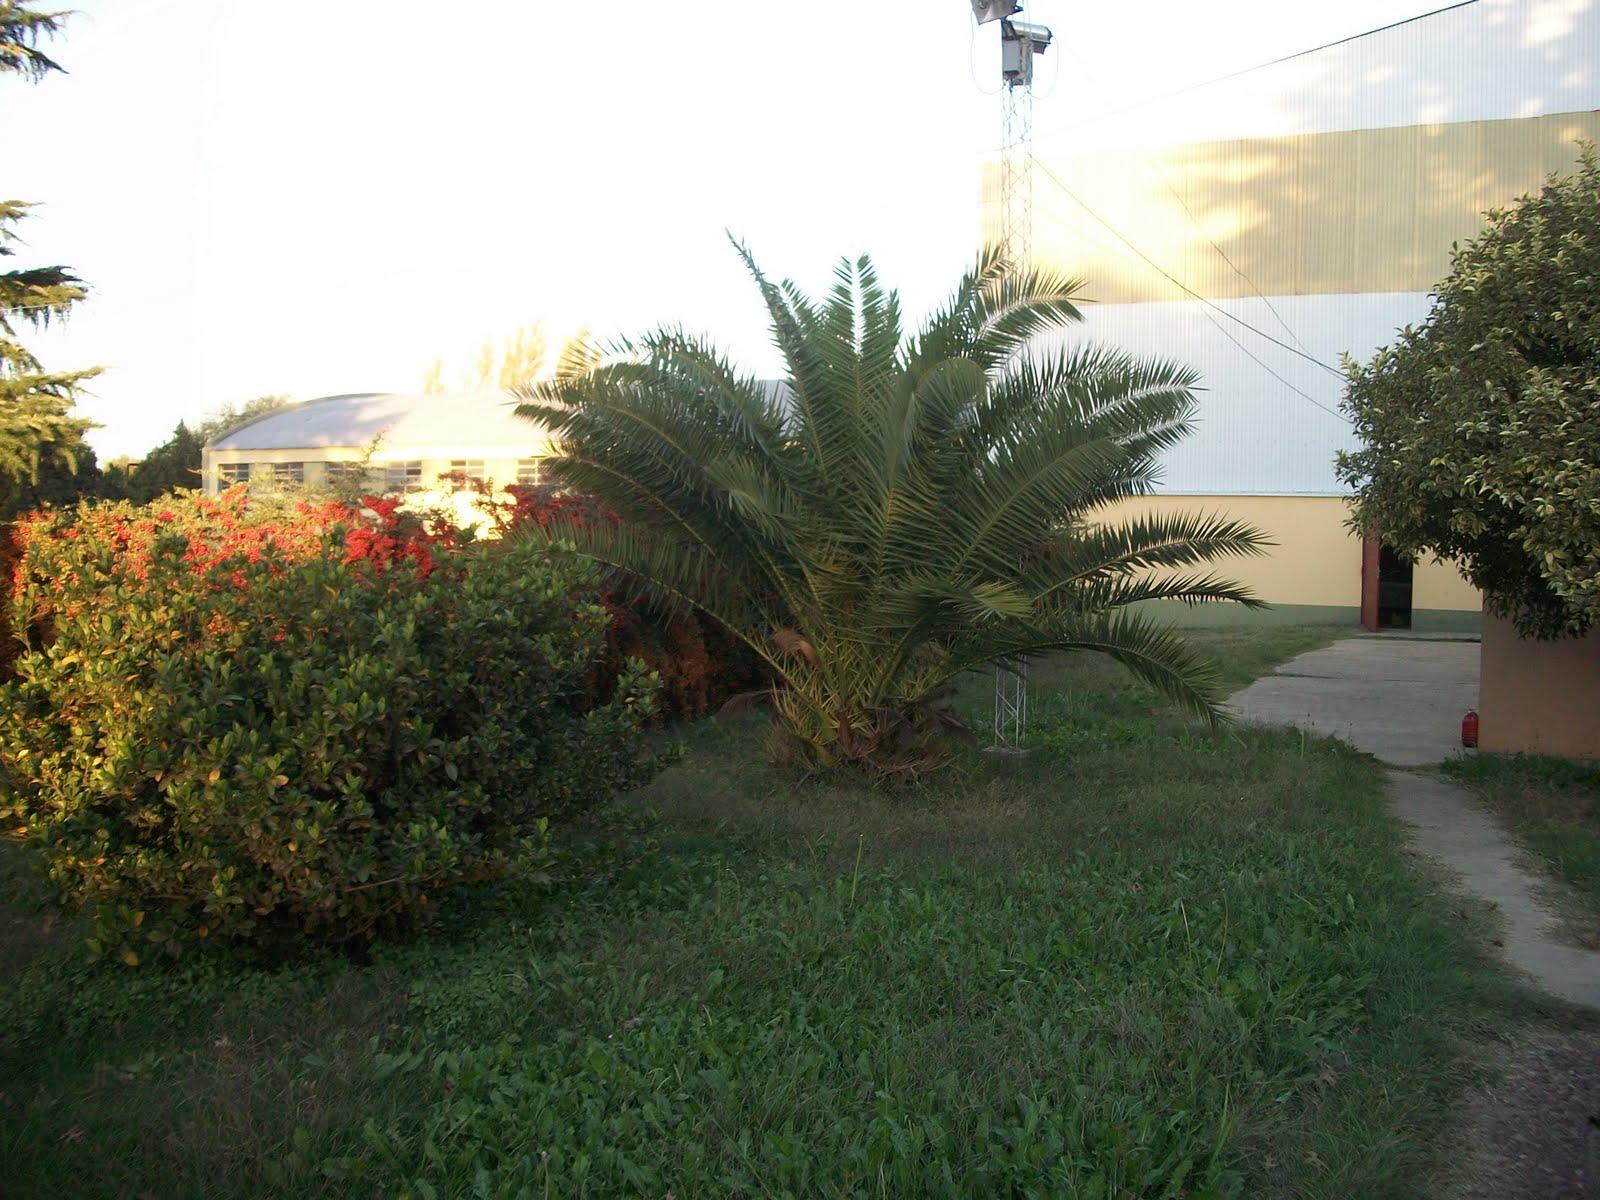 Casas antiguas la palmera de mi jardin for Casas mi jardin